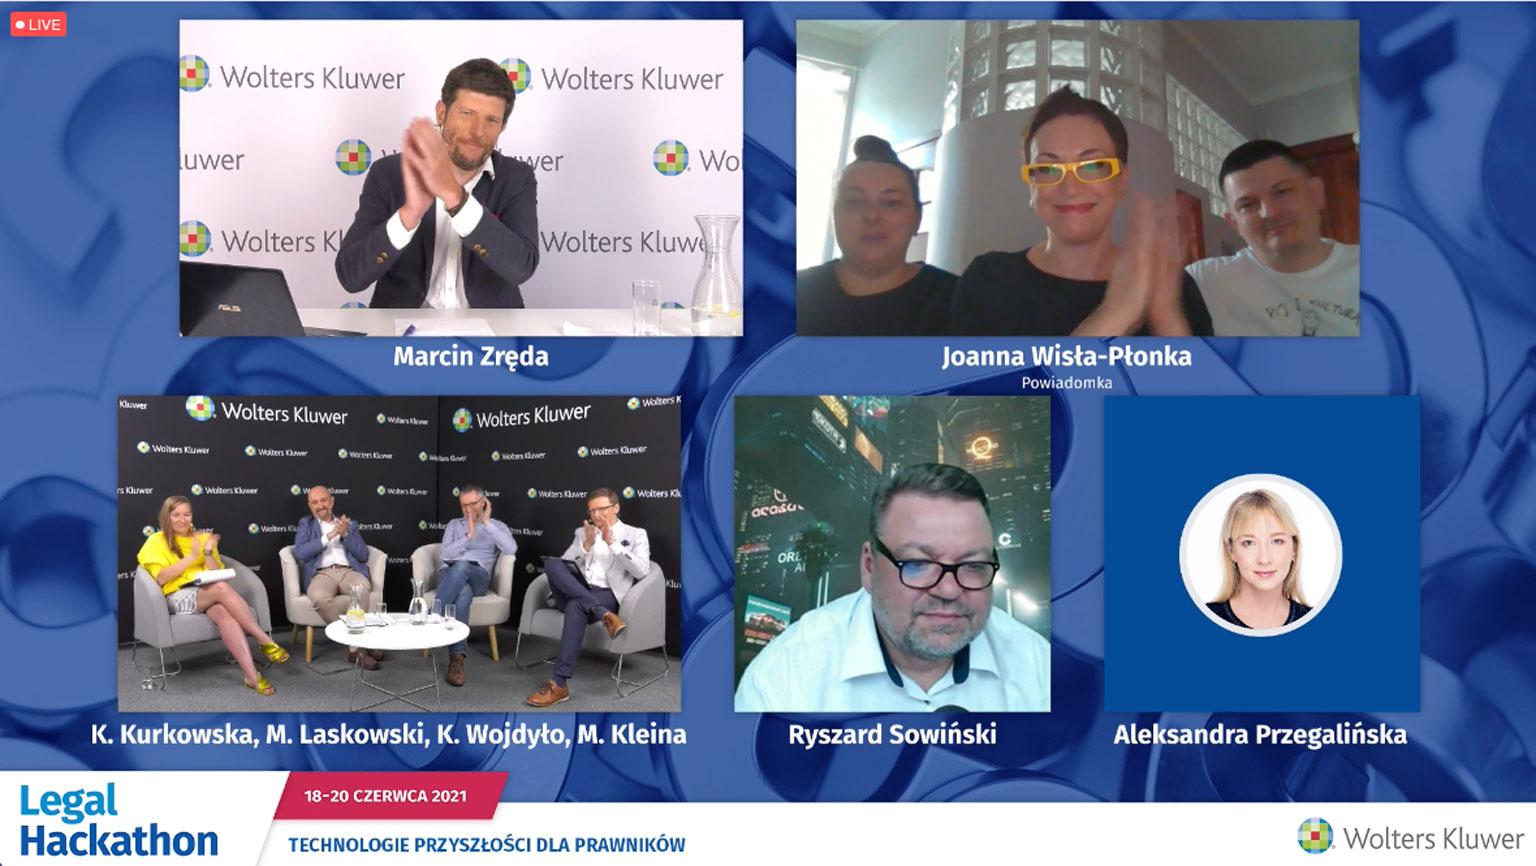 Legal Hackathon 2021 - zwycięzcy - Powiadomka